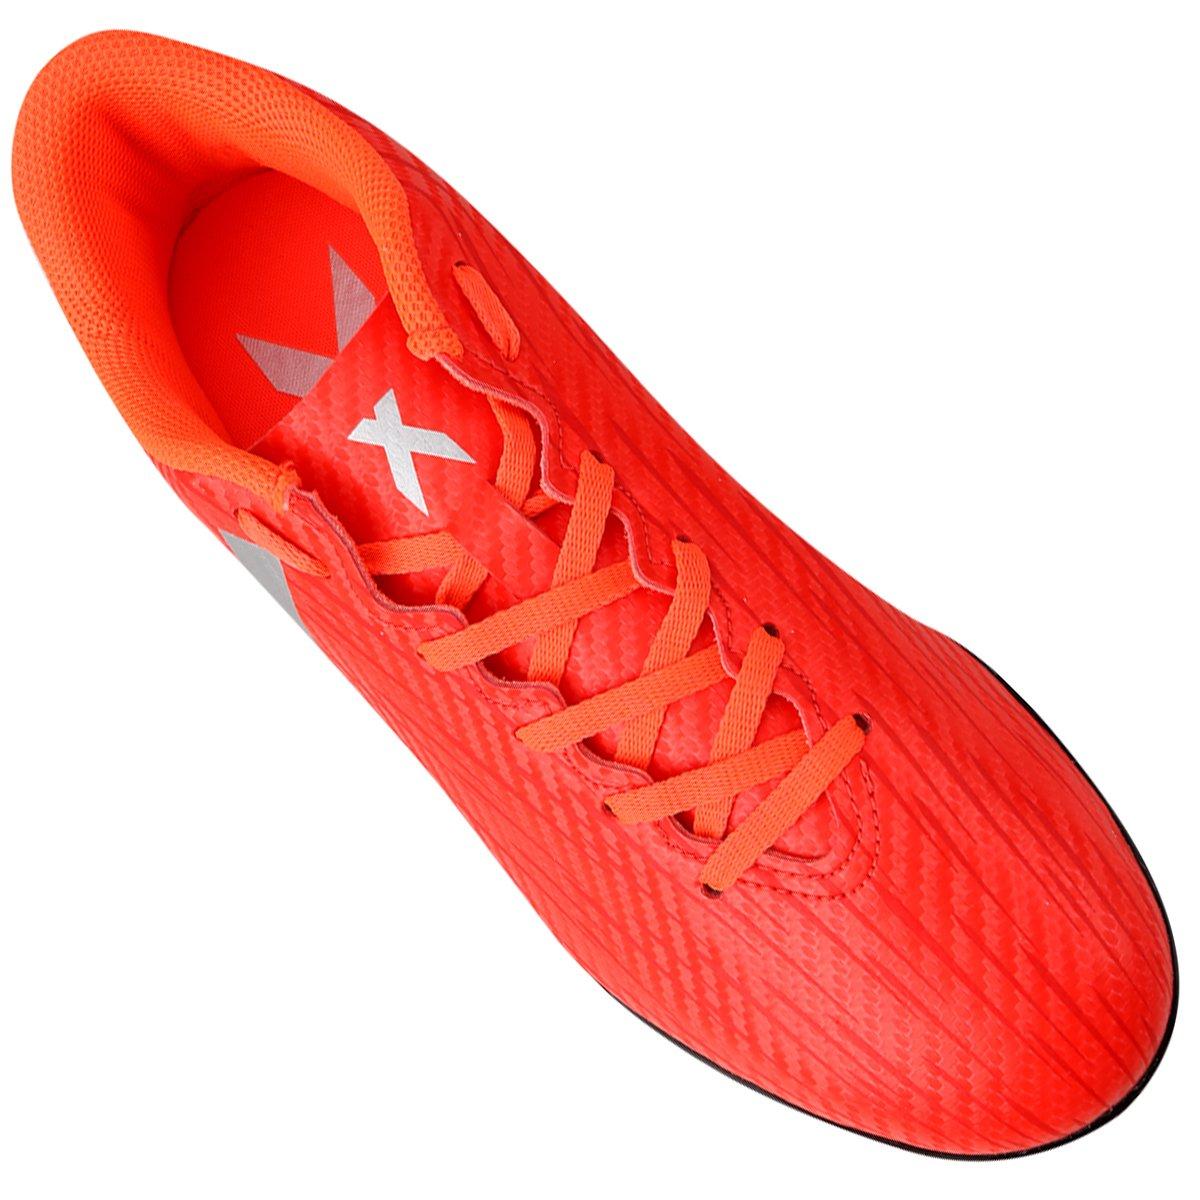 Masculina Chuteira TF Society Claro Adidas 16 X 4 Vermelho PTqCP